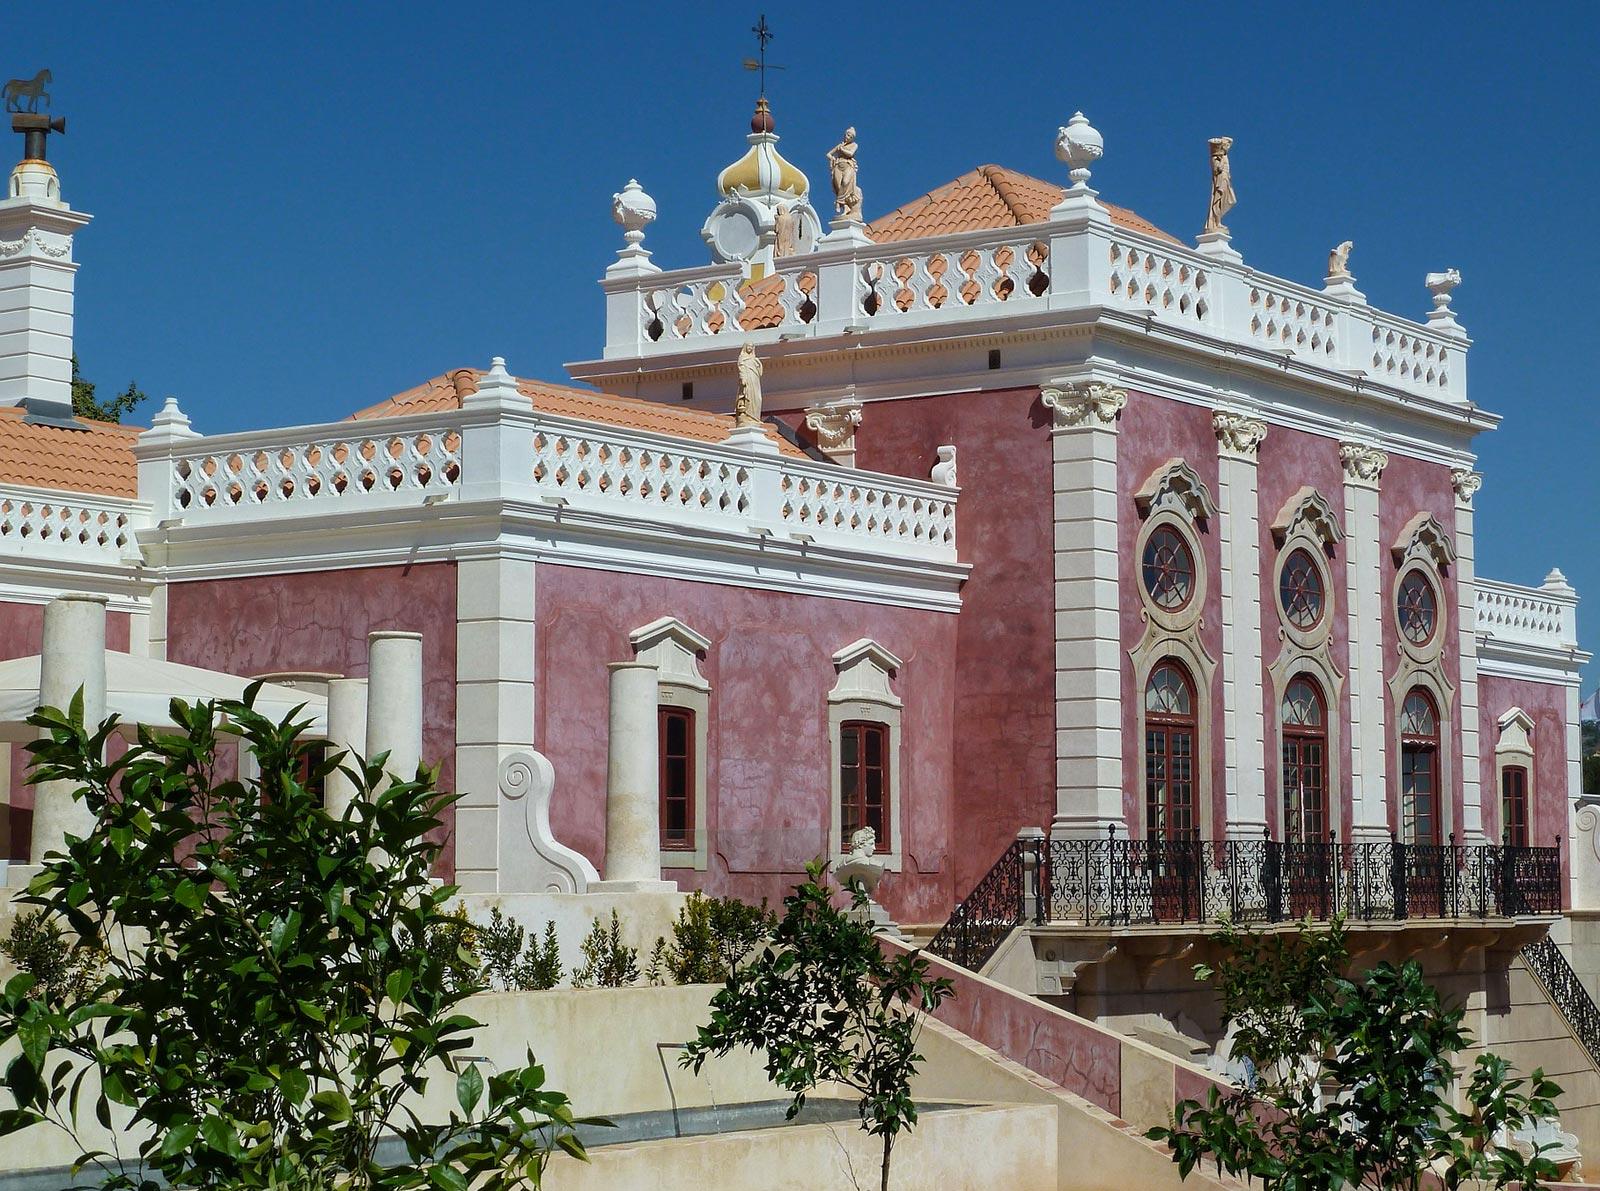 Palácio do Visconde de Estoi